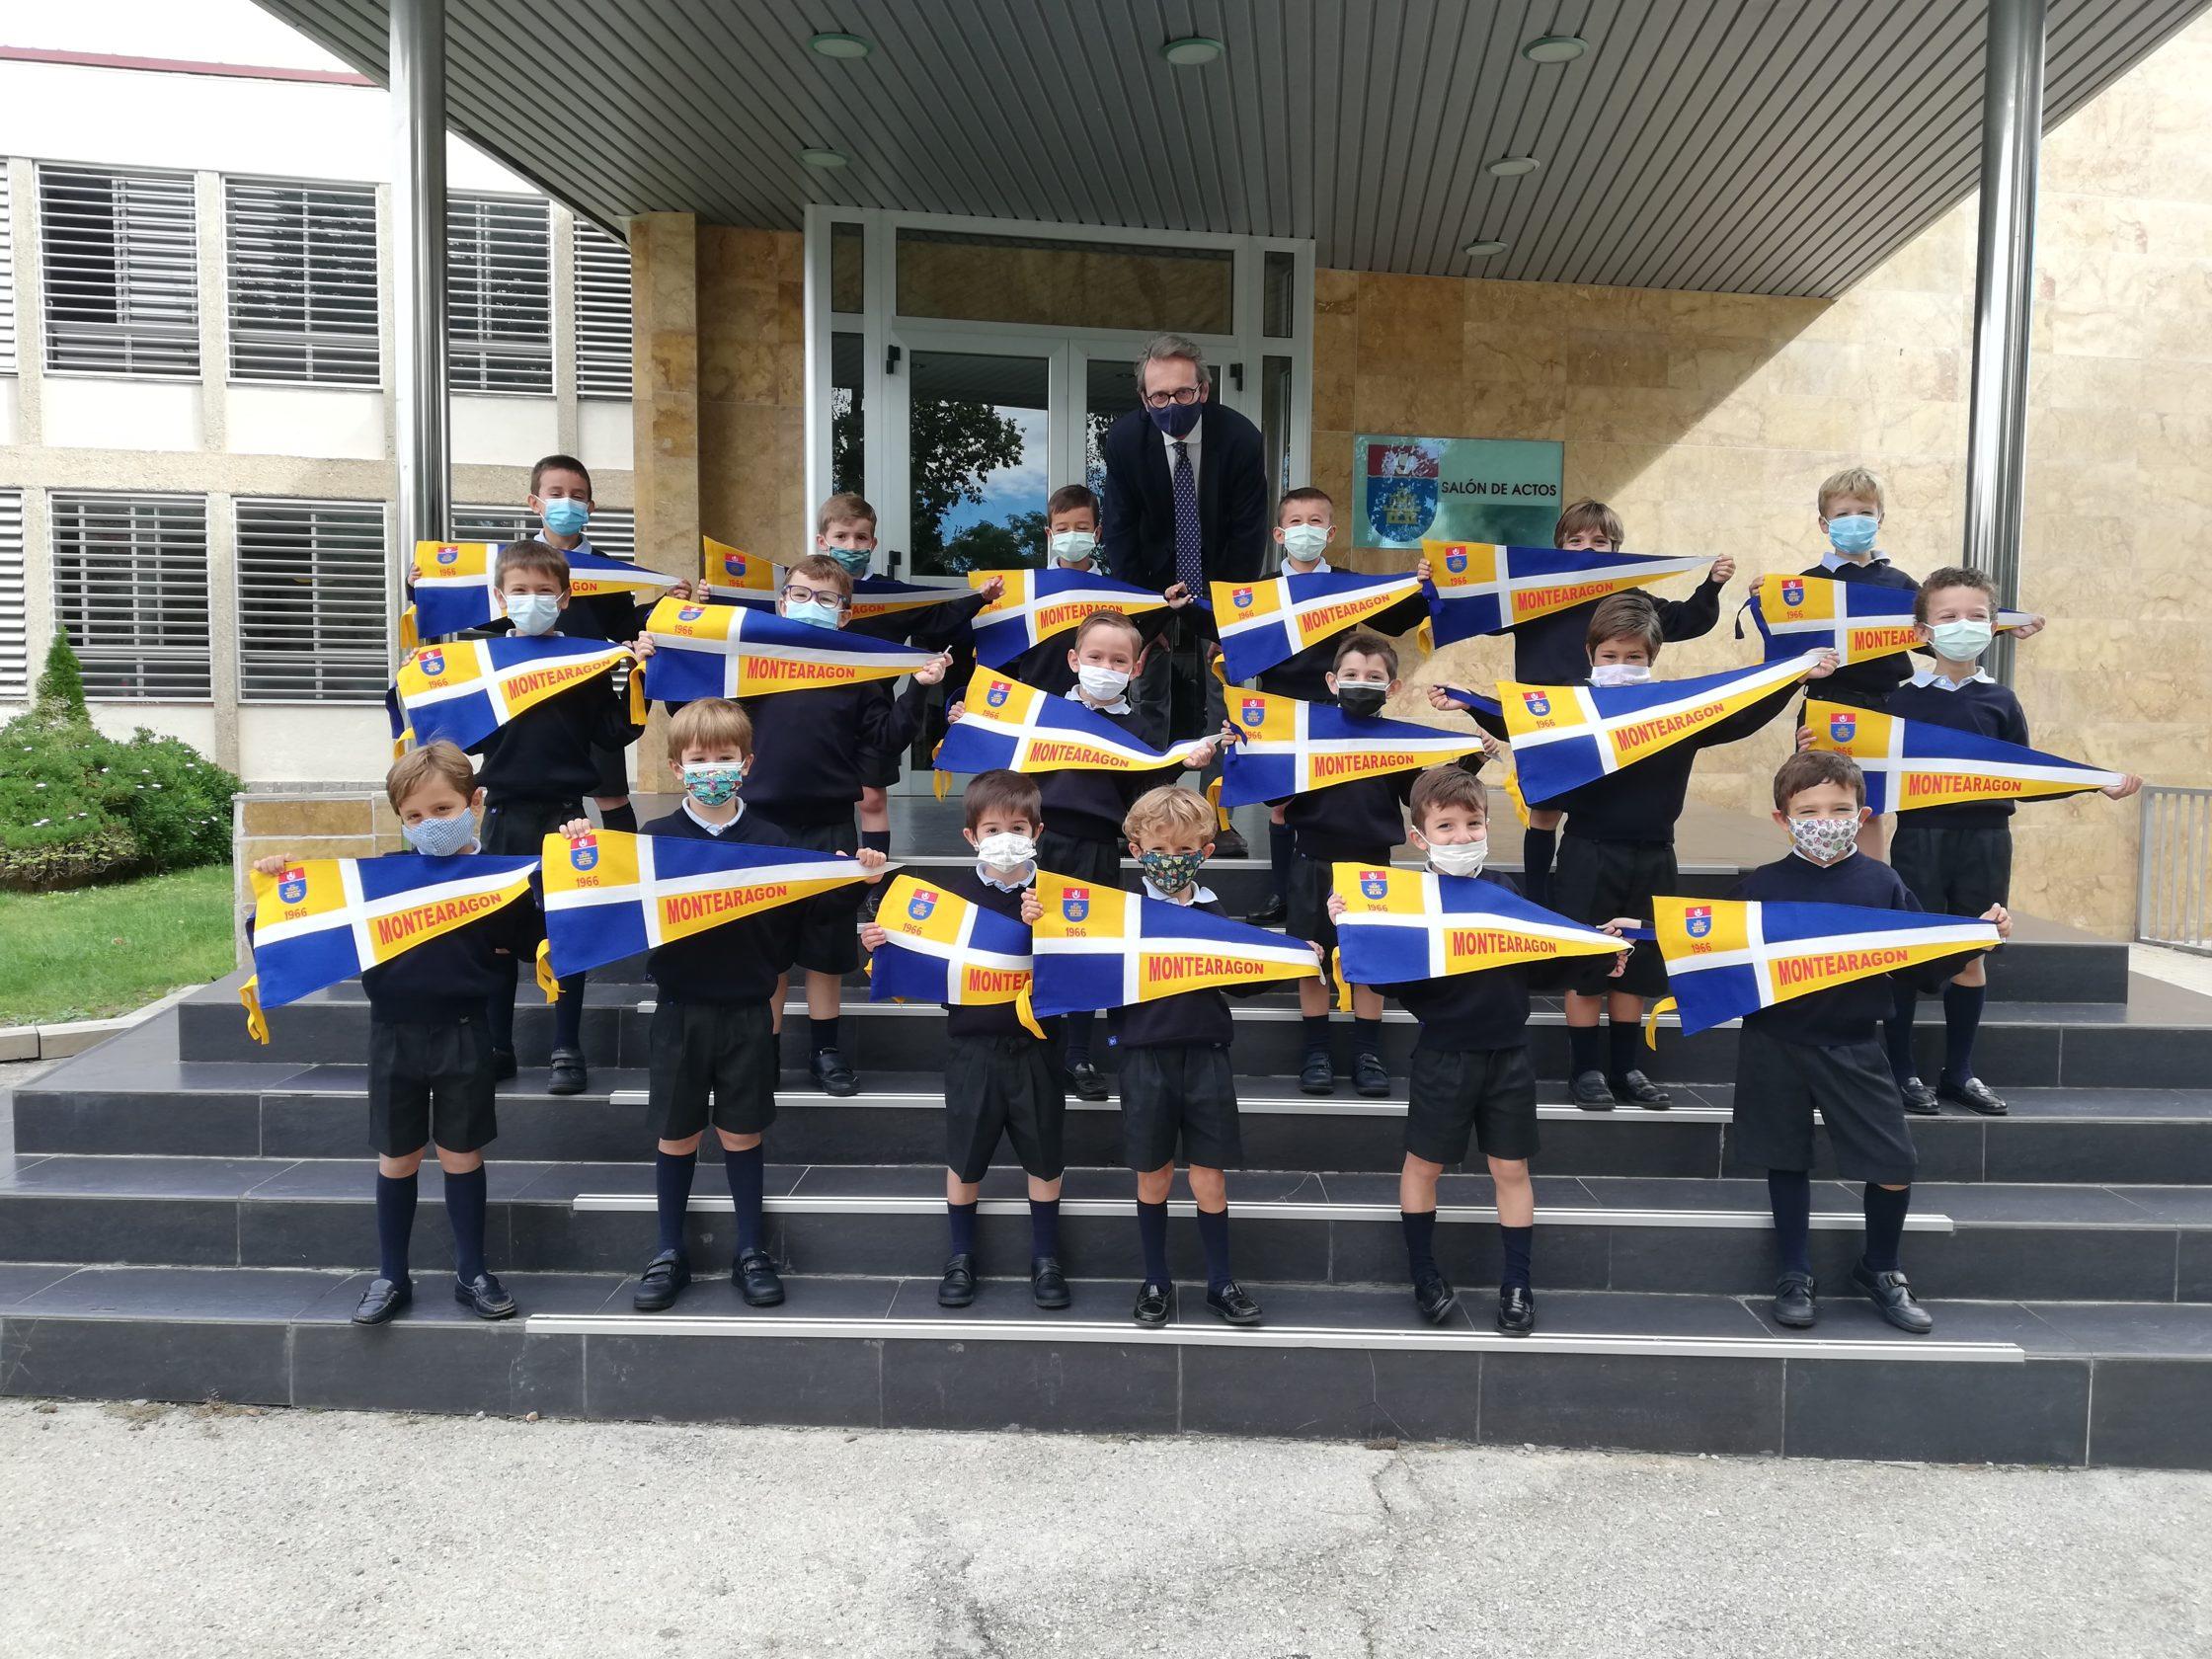 Entrega de banderines a los más pequeños del colegio Montearagón